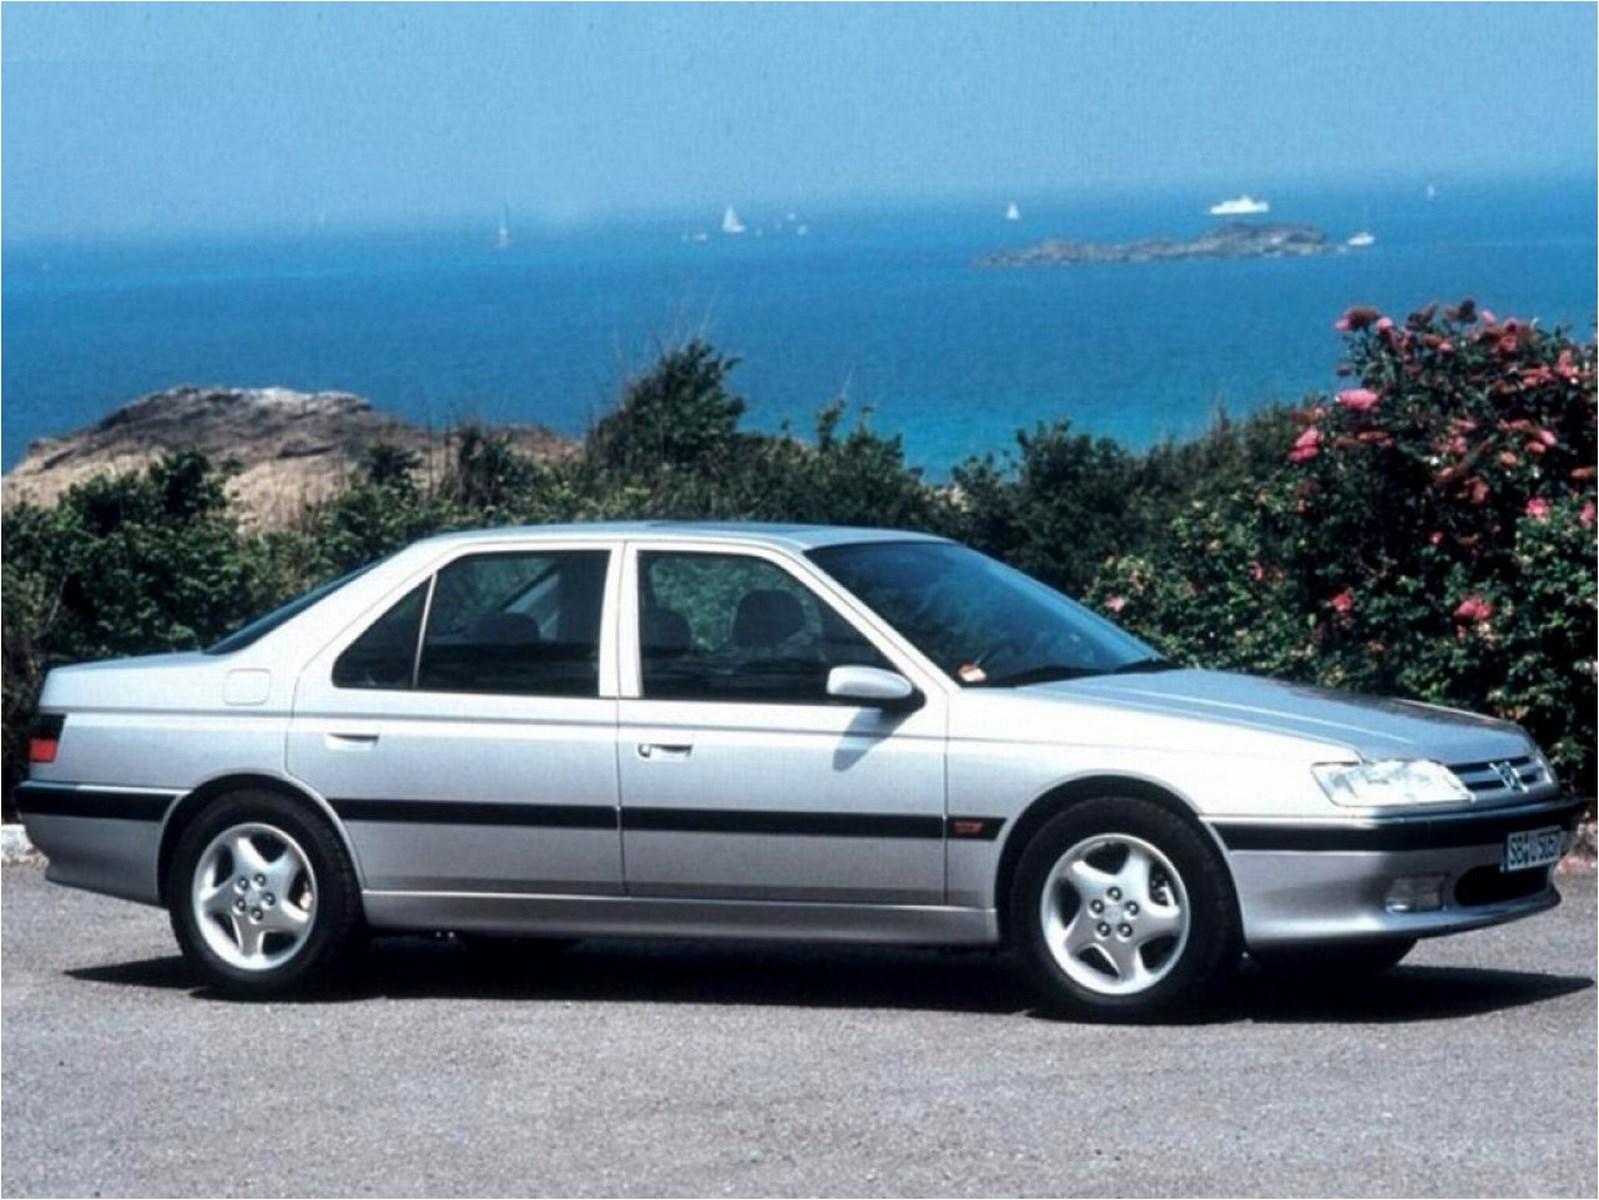 La 605 SV, dotée du nouveau V6 ES9 de 194 ch remplace les 2 SV de première génération en 1994